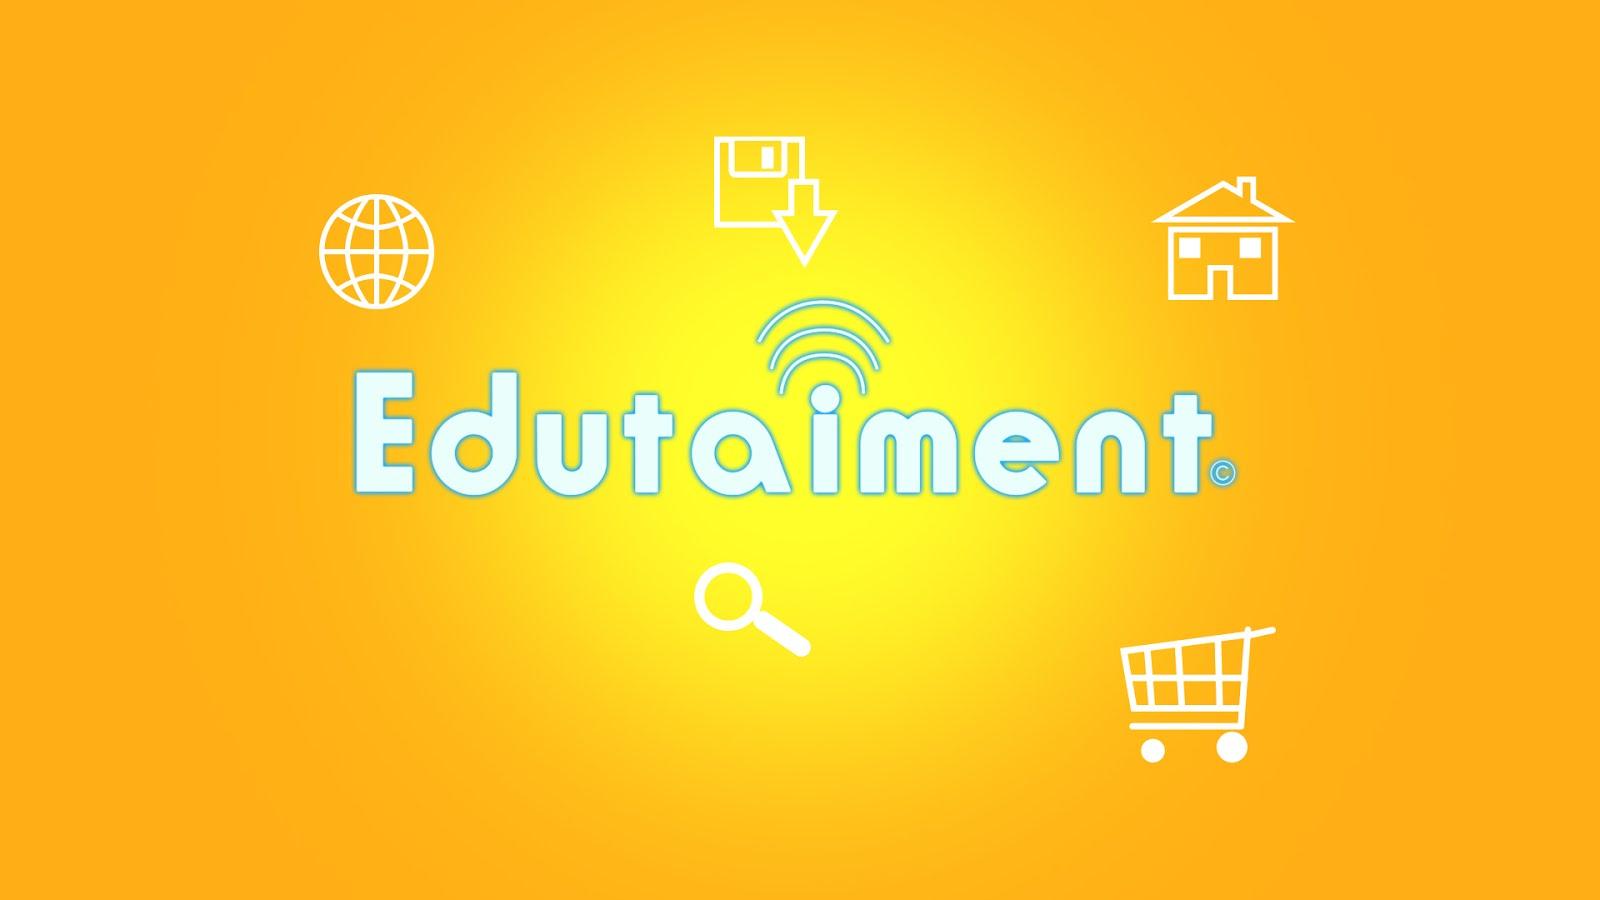 Edutaiment - Technology News